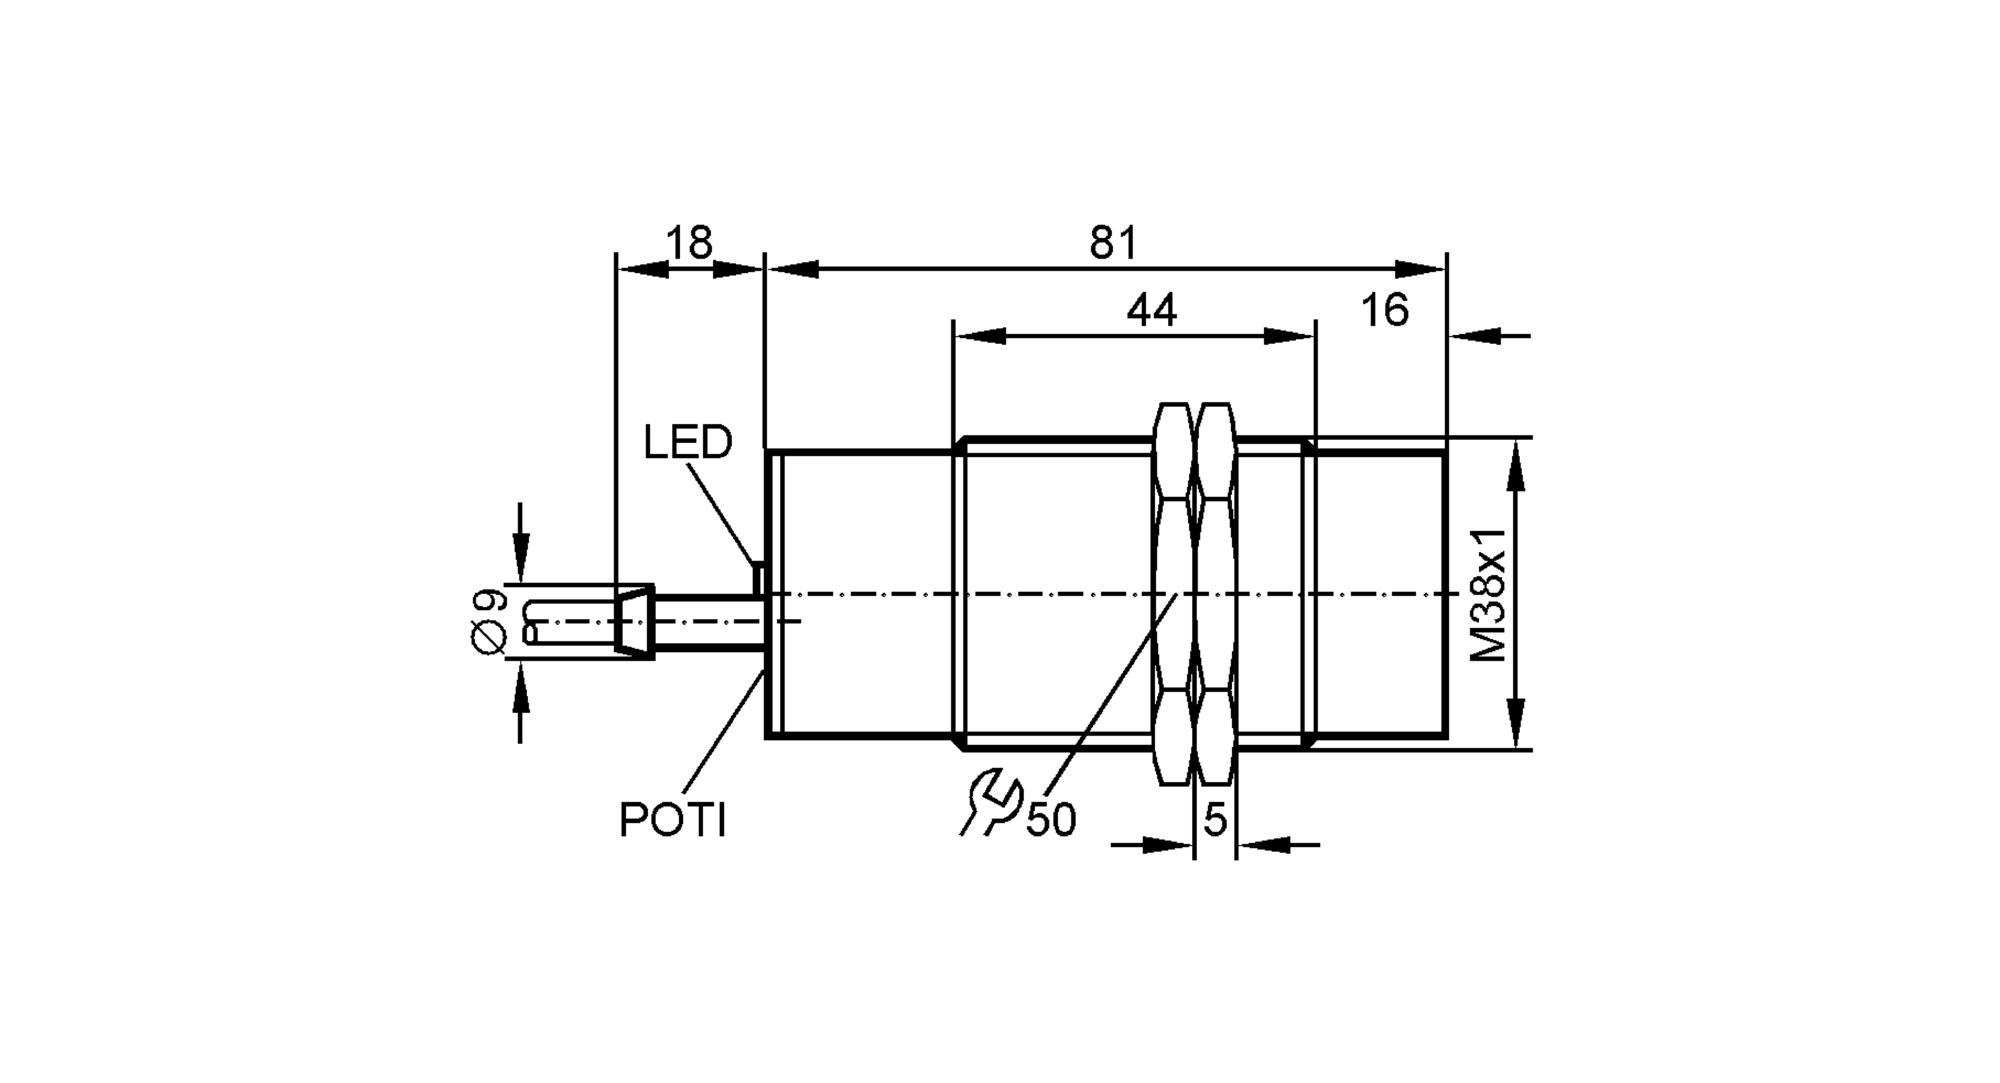 kk7002 - capacitive sensor